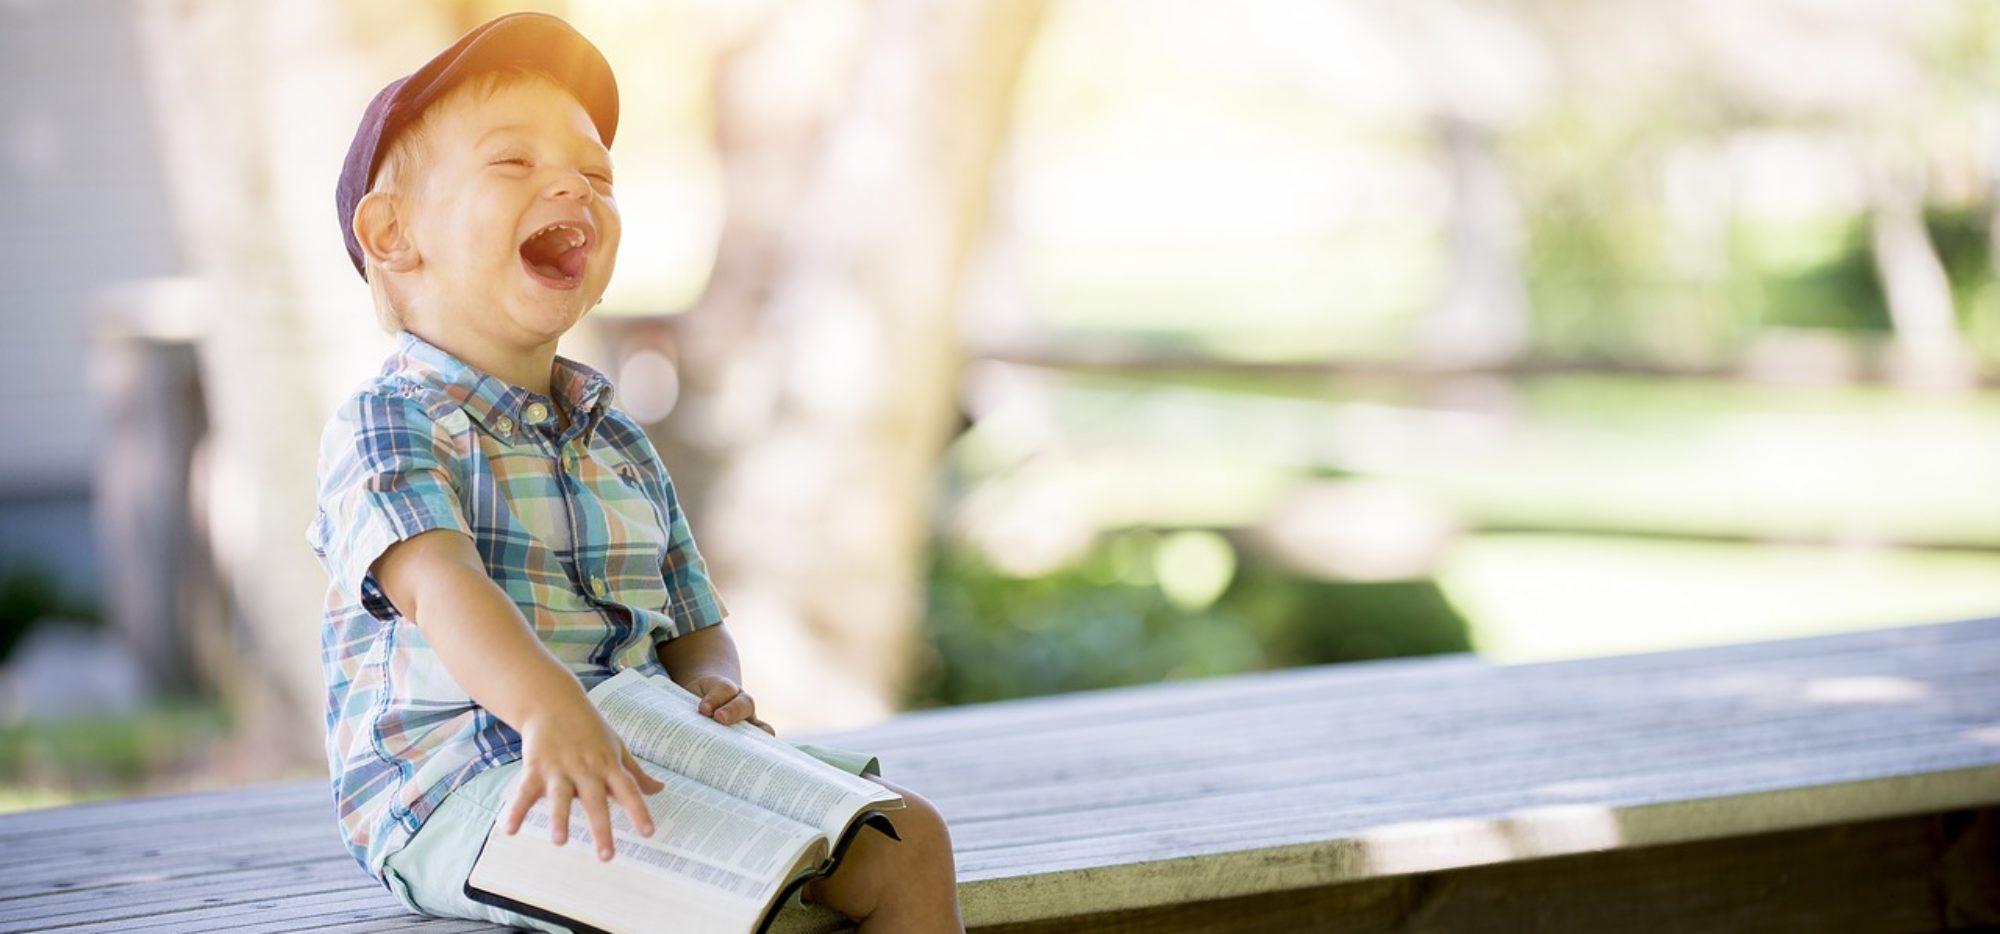 スタディサプリの魅力と勉強法についての情報を発信するサイト